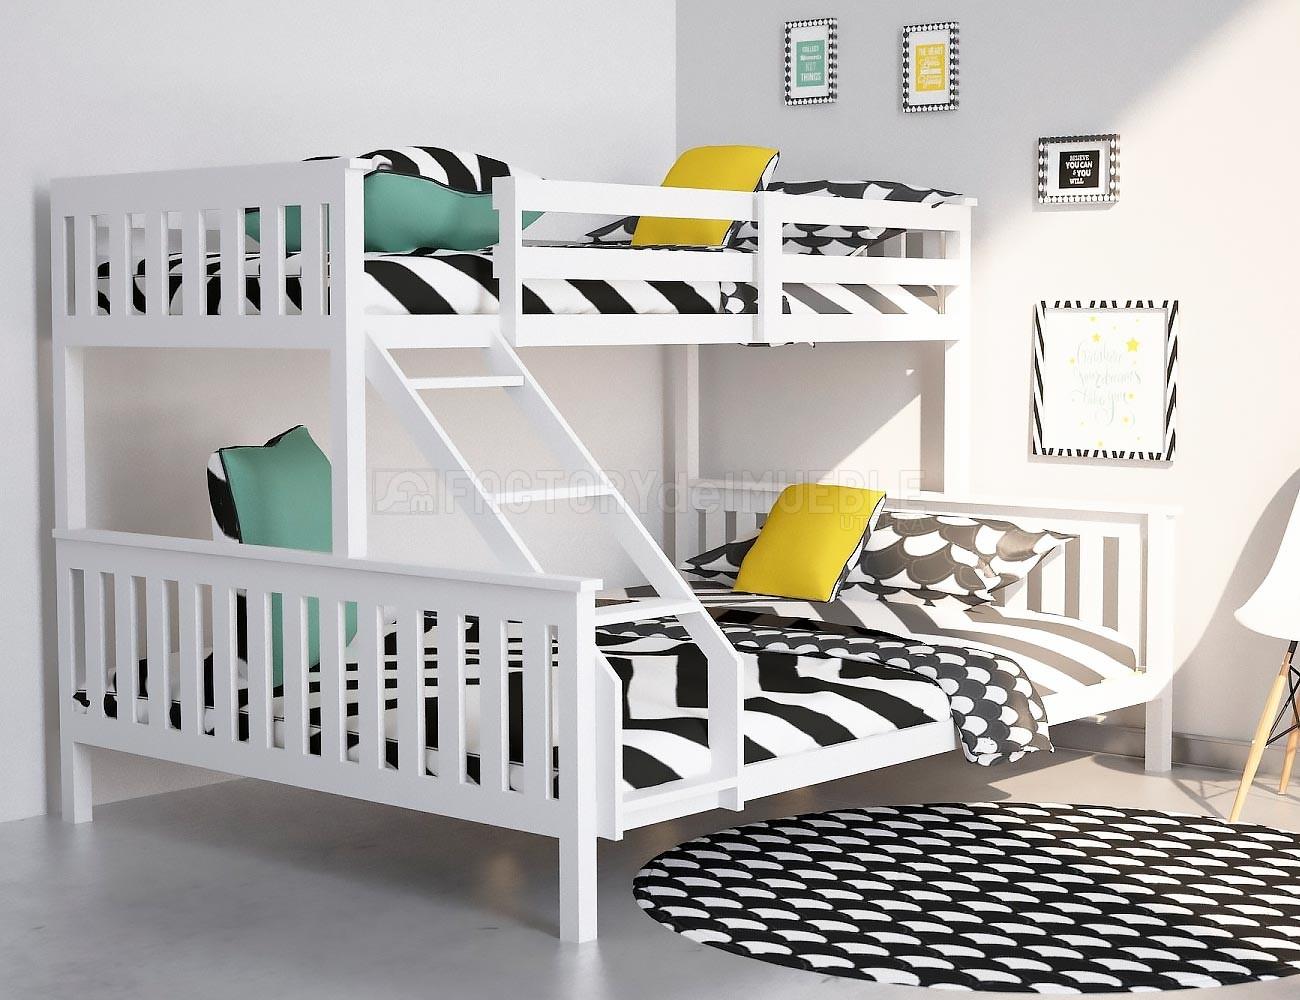 Estructura cama alta matrimonio ikea troms estructura de for Estructura cama matrimonio